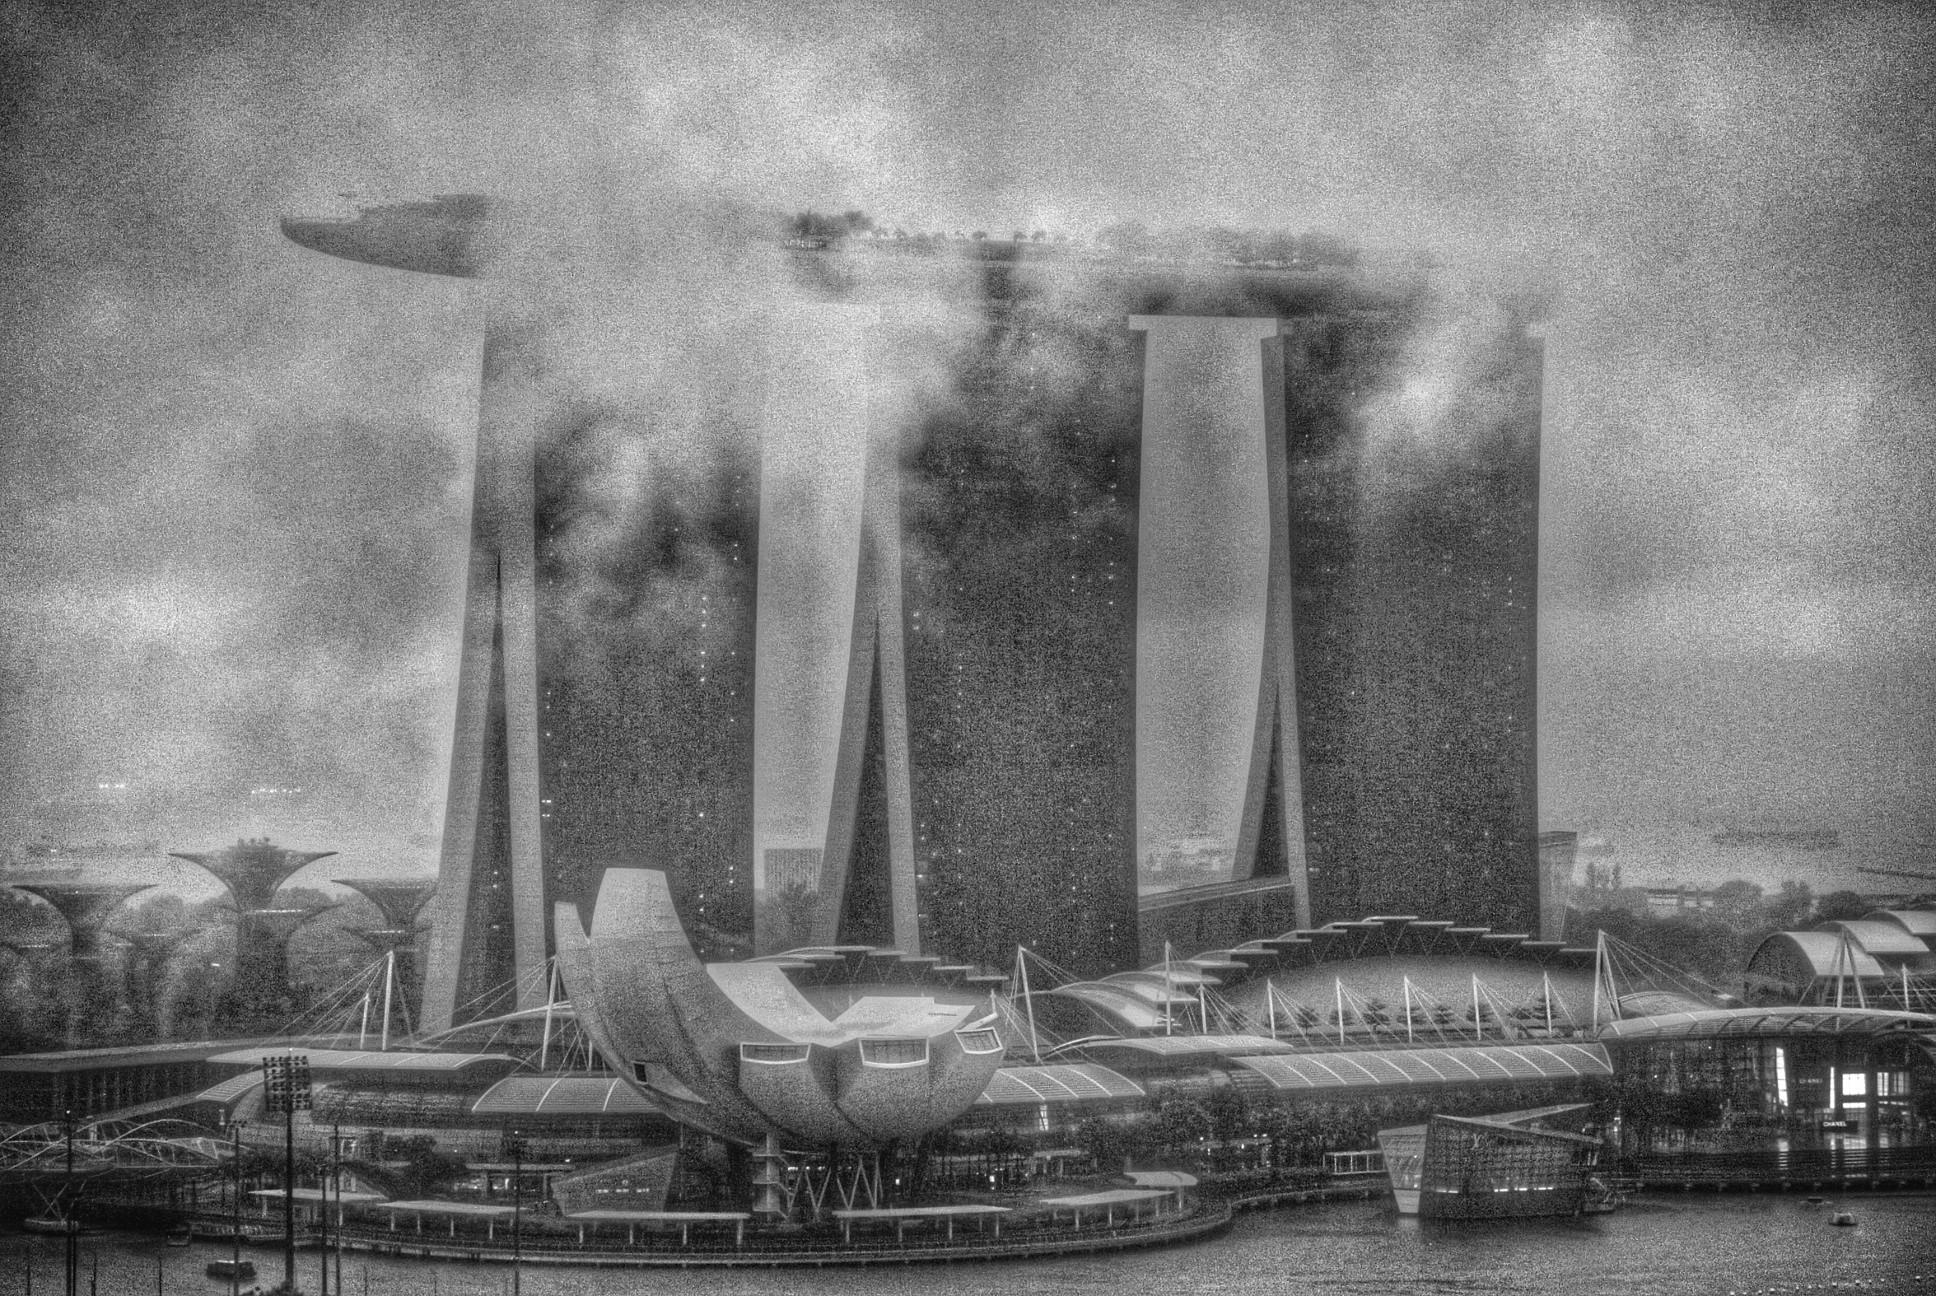 Singapore, Marina & Sands